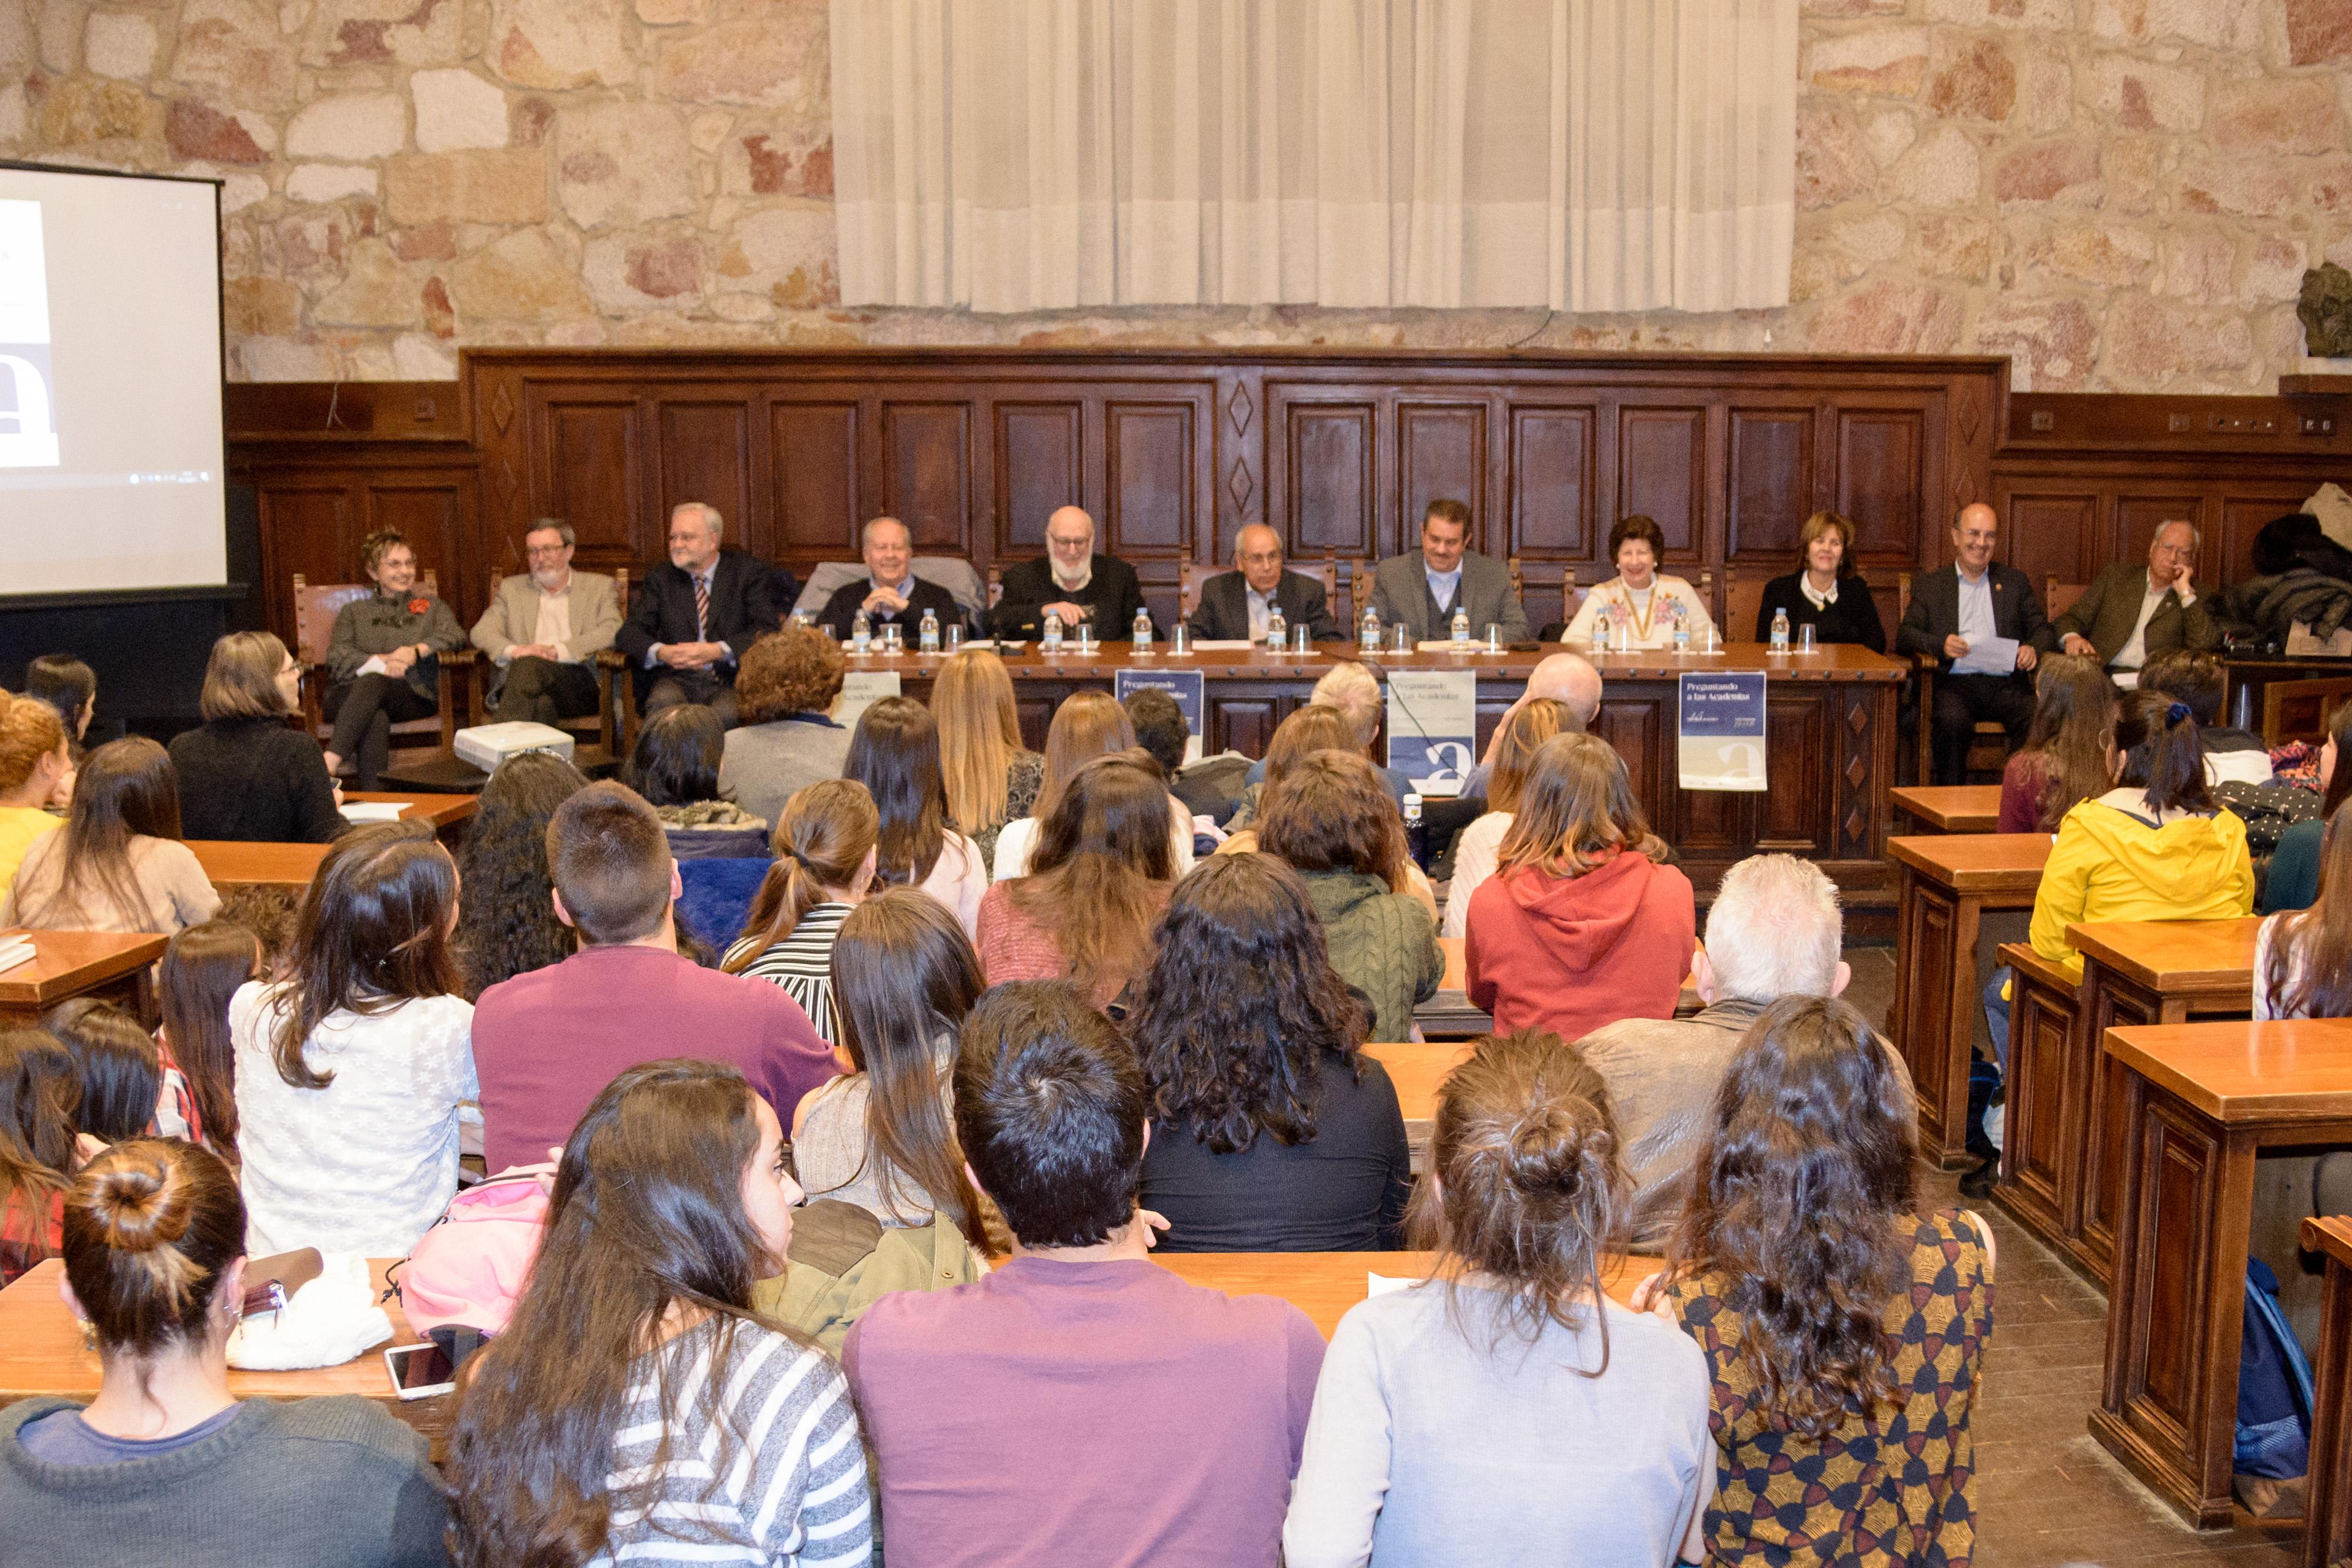 El Centro Internacional del Español-USAL y la Asociación Academias de la Lengua Española debaten en torno a su trabajo y resuelven dudas sobre el uso de las lenguas en la sesión 'Preguntando a las Academias'